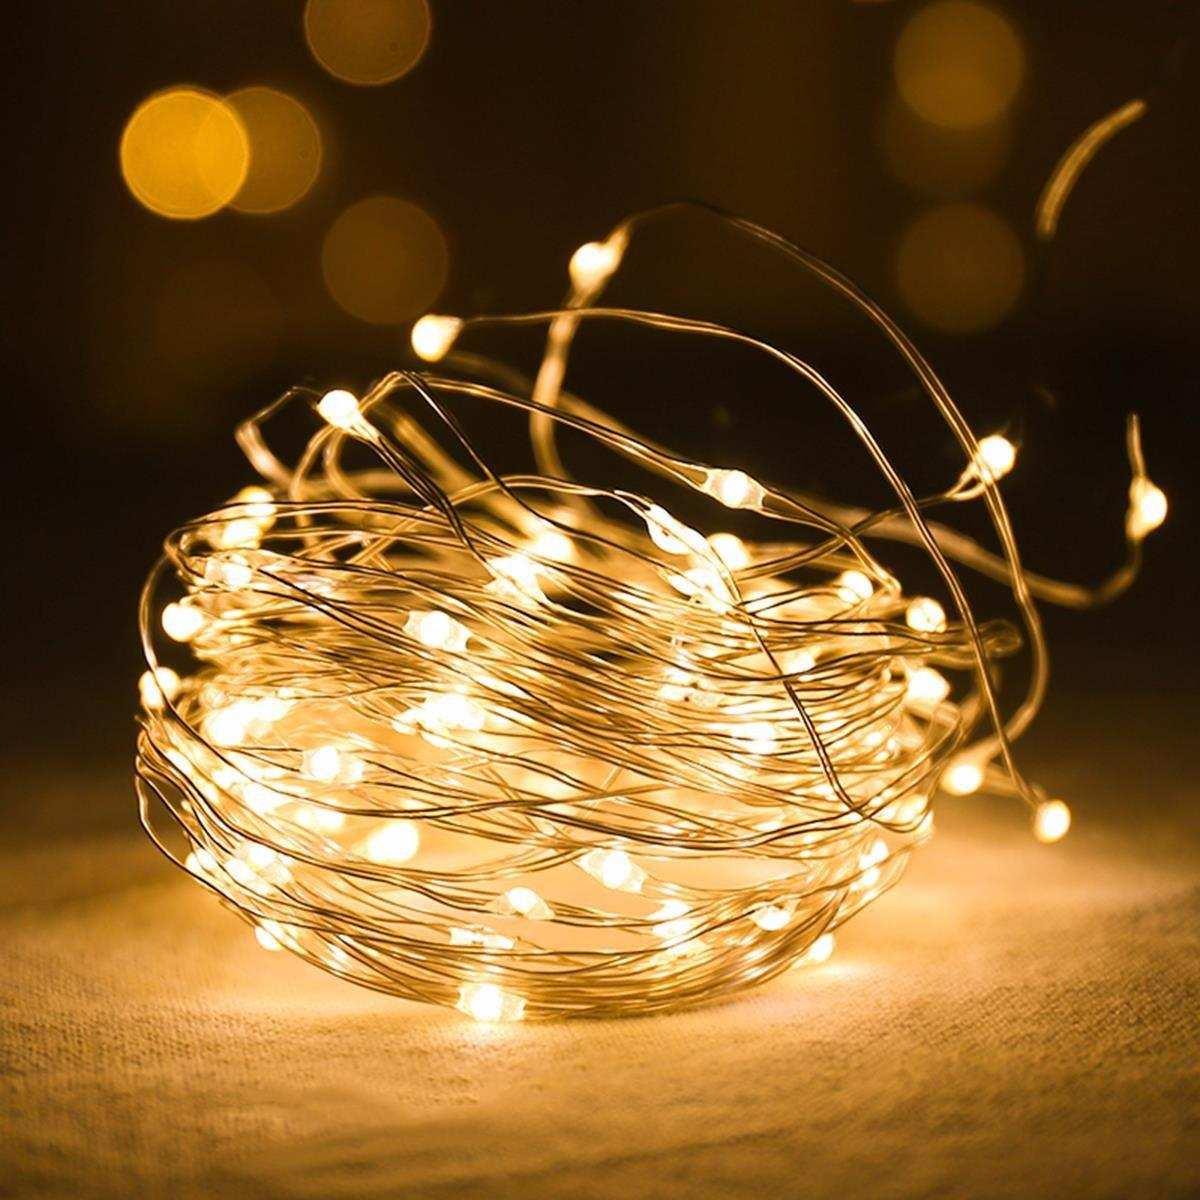 Peri Led Işık Pilli Aydınlatma Şerit Led Süsleme- (Sarı)